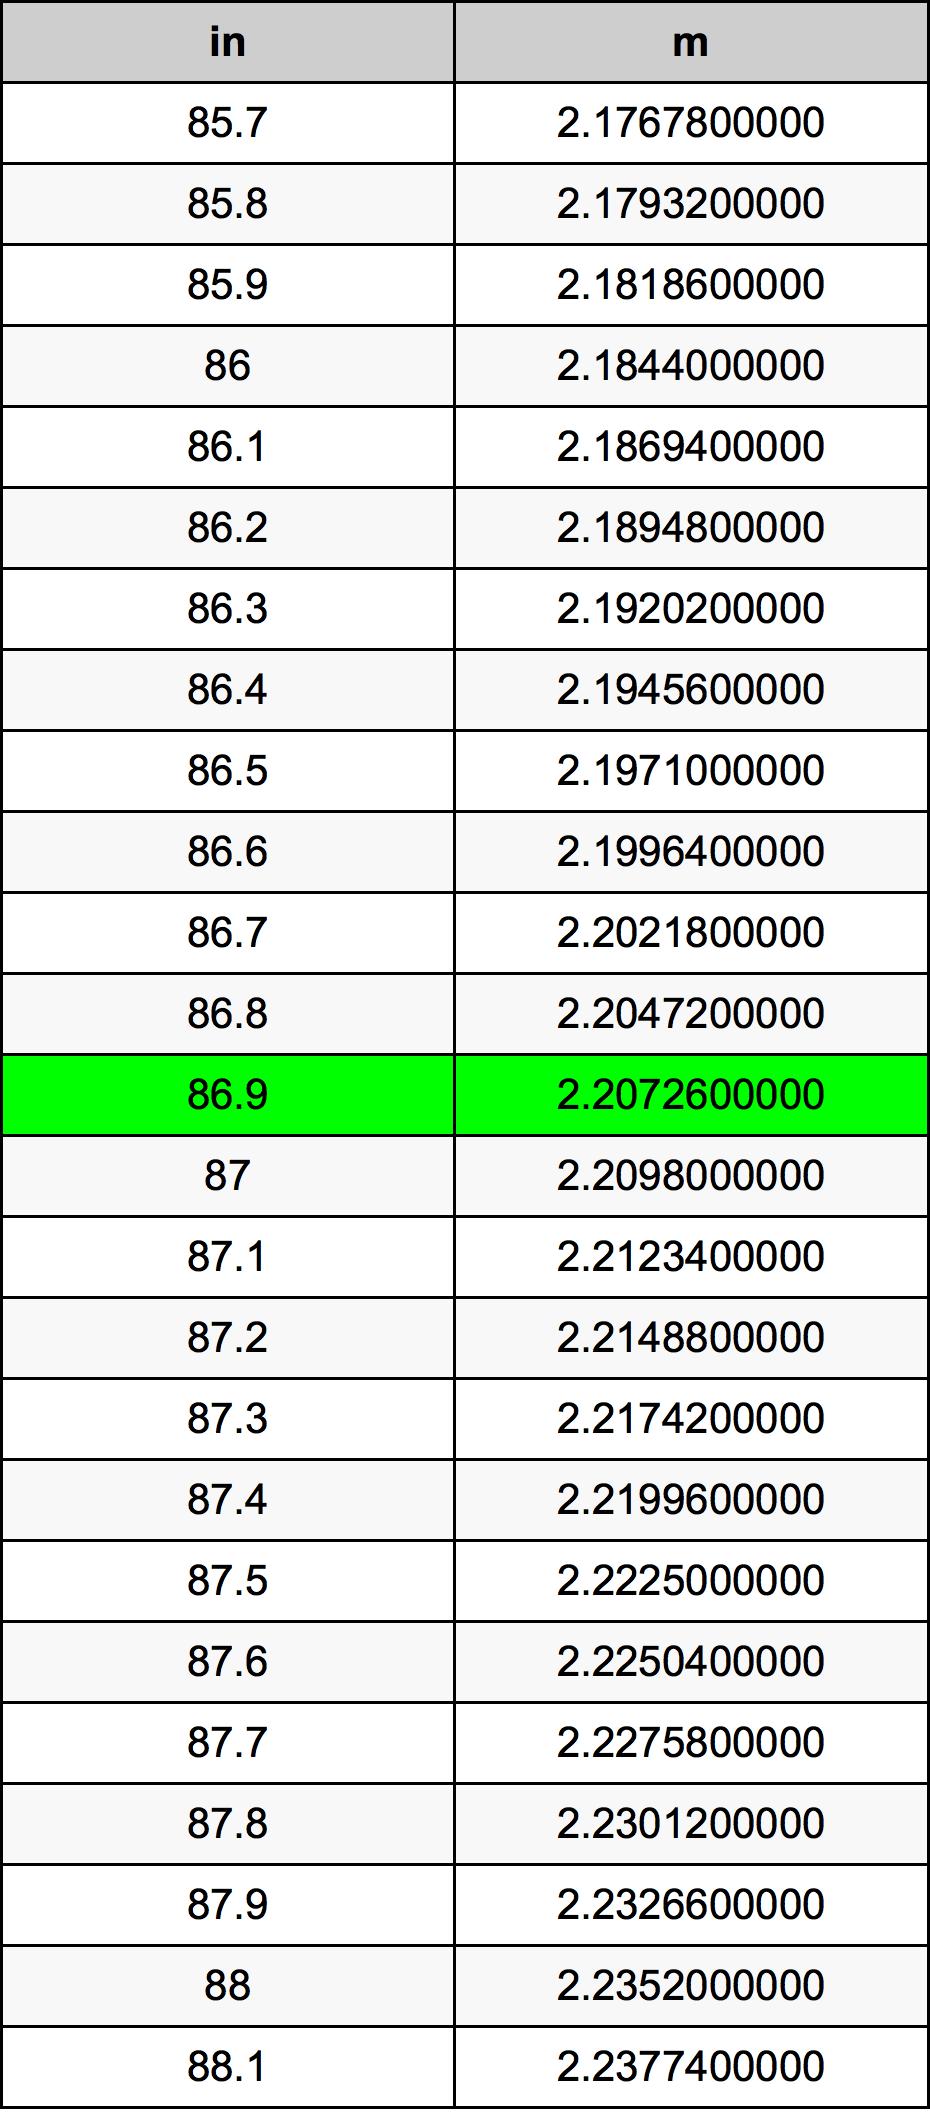 86.9 Polegada tabela de conversão